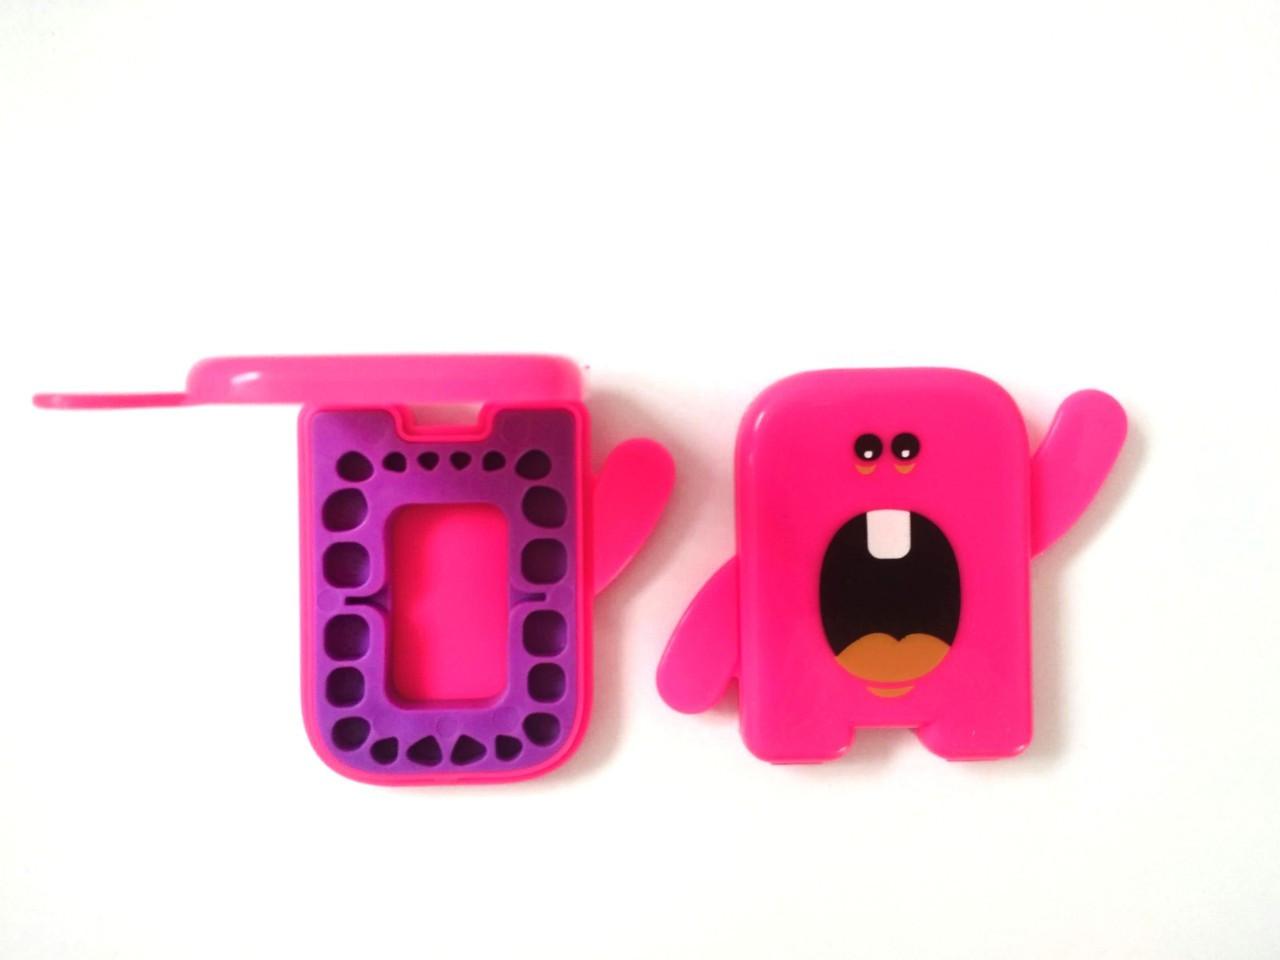 Альбом для молочних зубчиків Angie - 1 шт.,рожевий